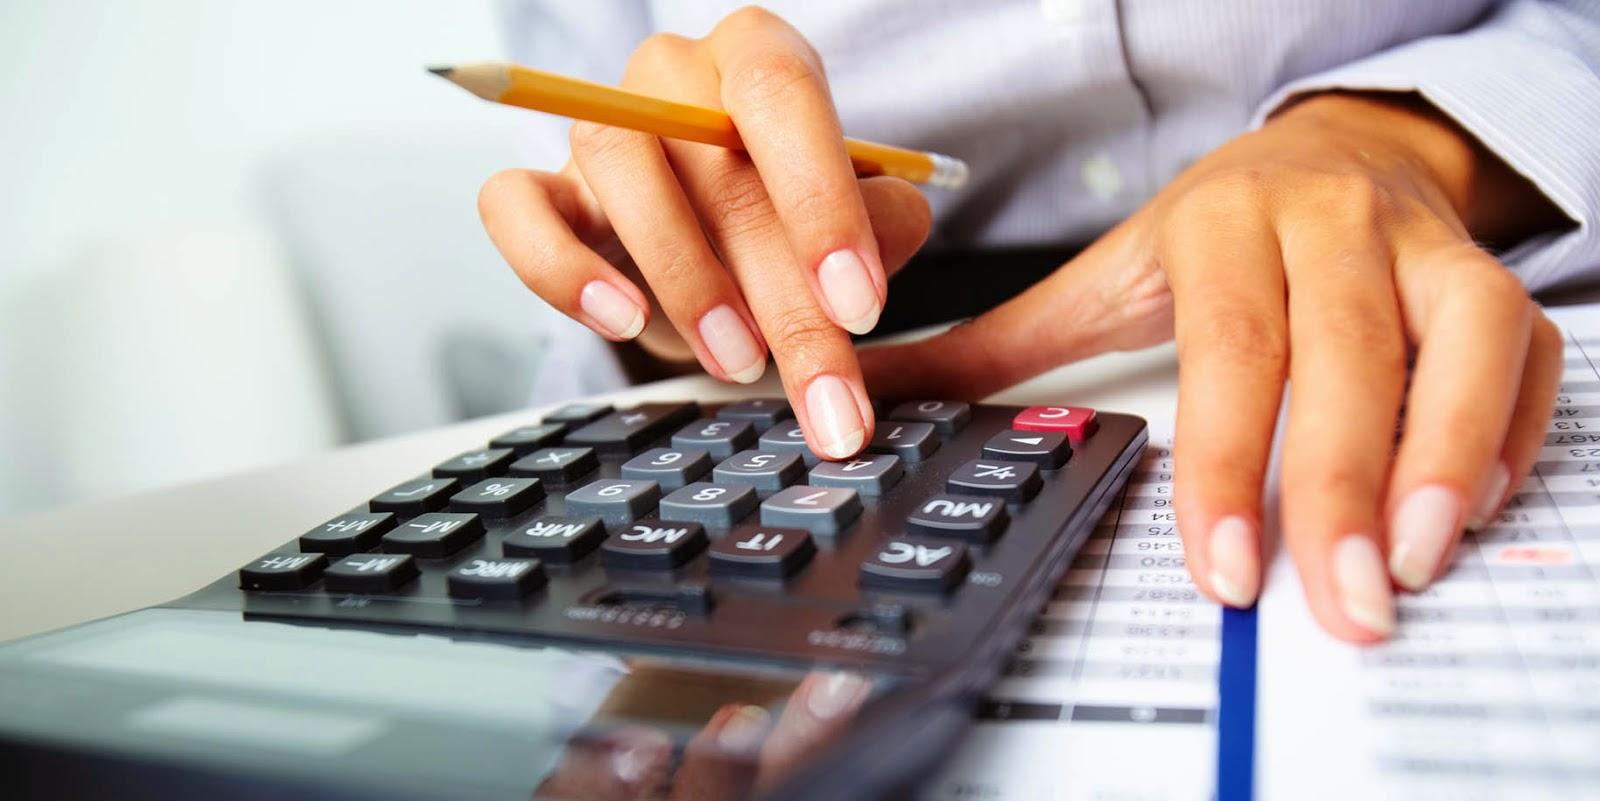 Chính sách thuế: Không có chuyện khác biệt giữa doanh nghiệp trong nước và FDI